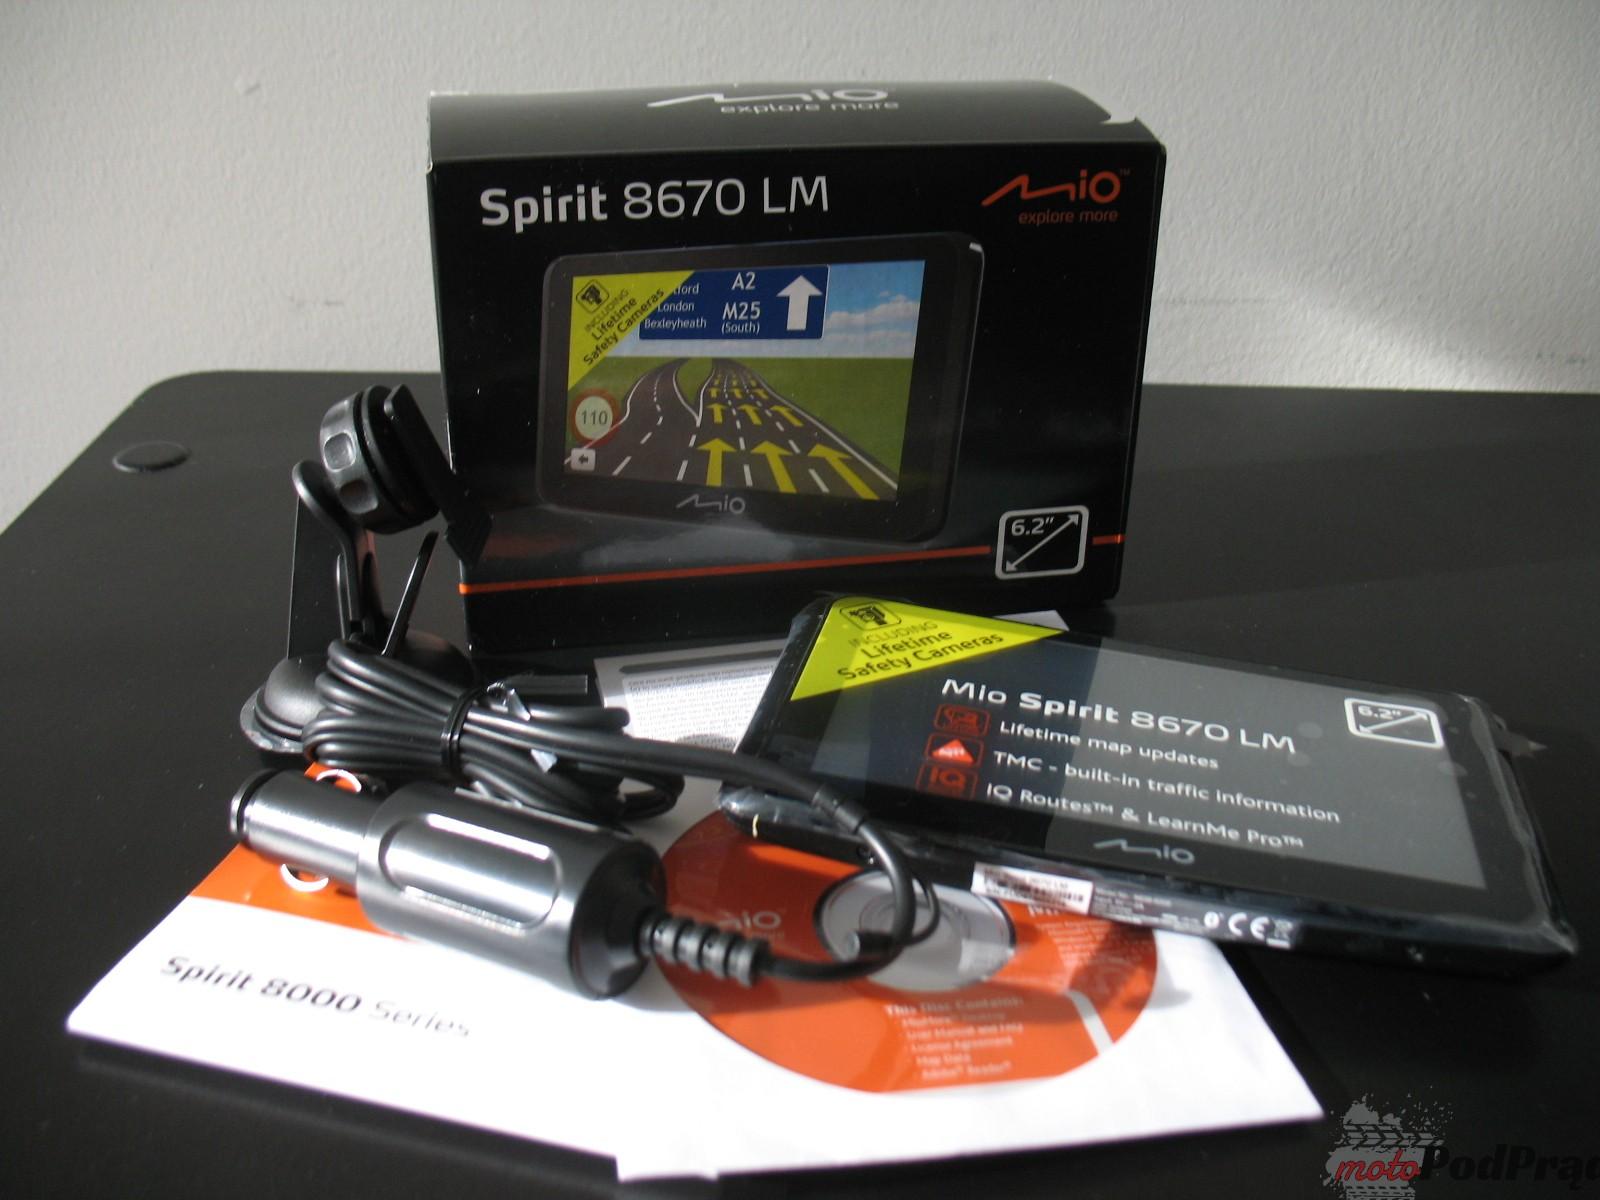 Mio spirit 8670 LM 4 Test: Nawigacja PND Mio Spirit 8670 LM   fajne dodatki